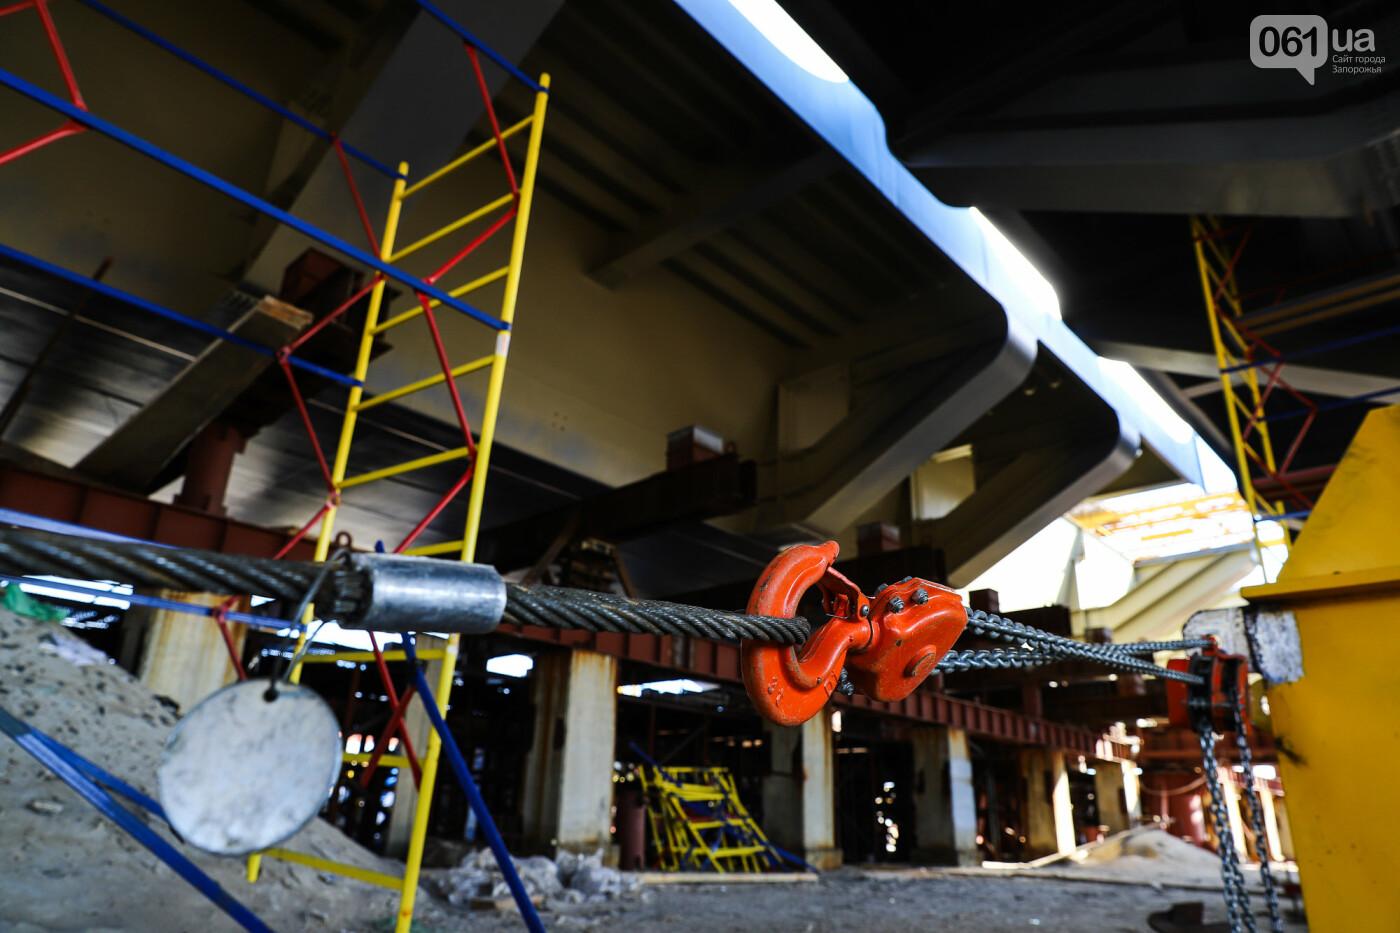 Кран с иностранной пропиской, ванты и металл: строительство запорожских мостов в фотографиях, фото-12